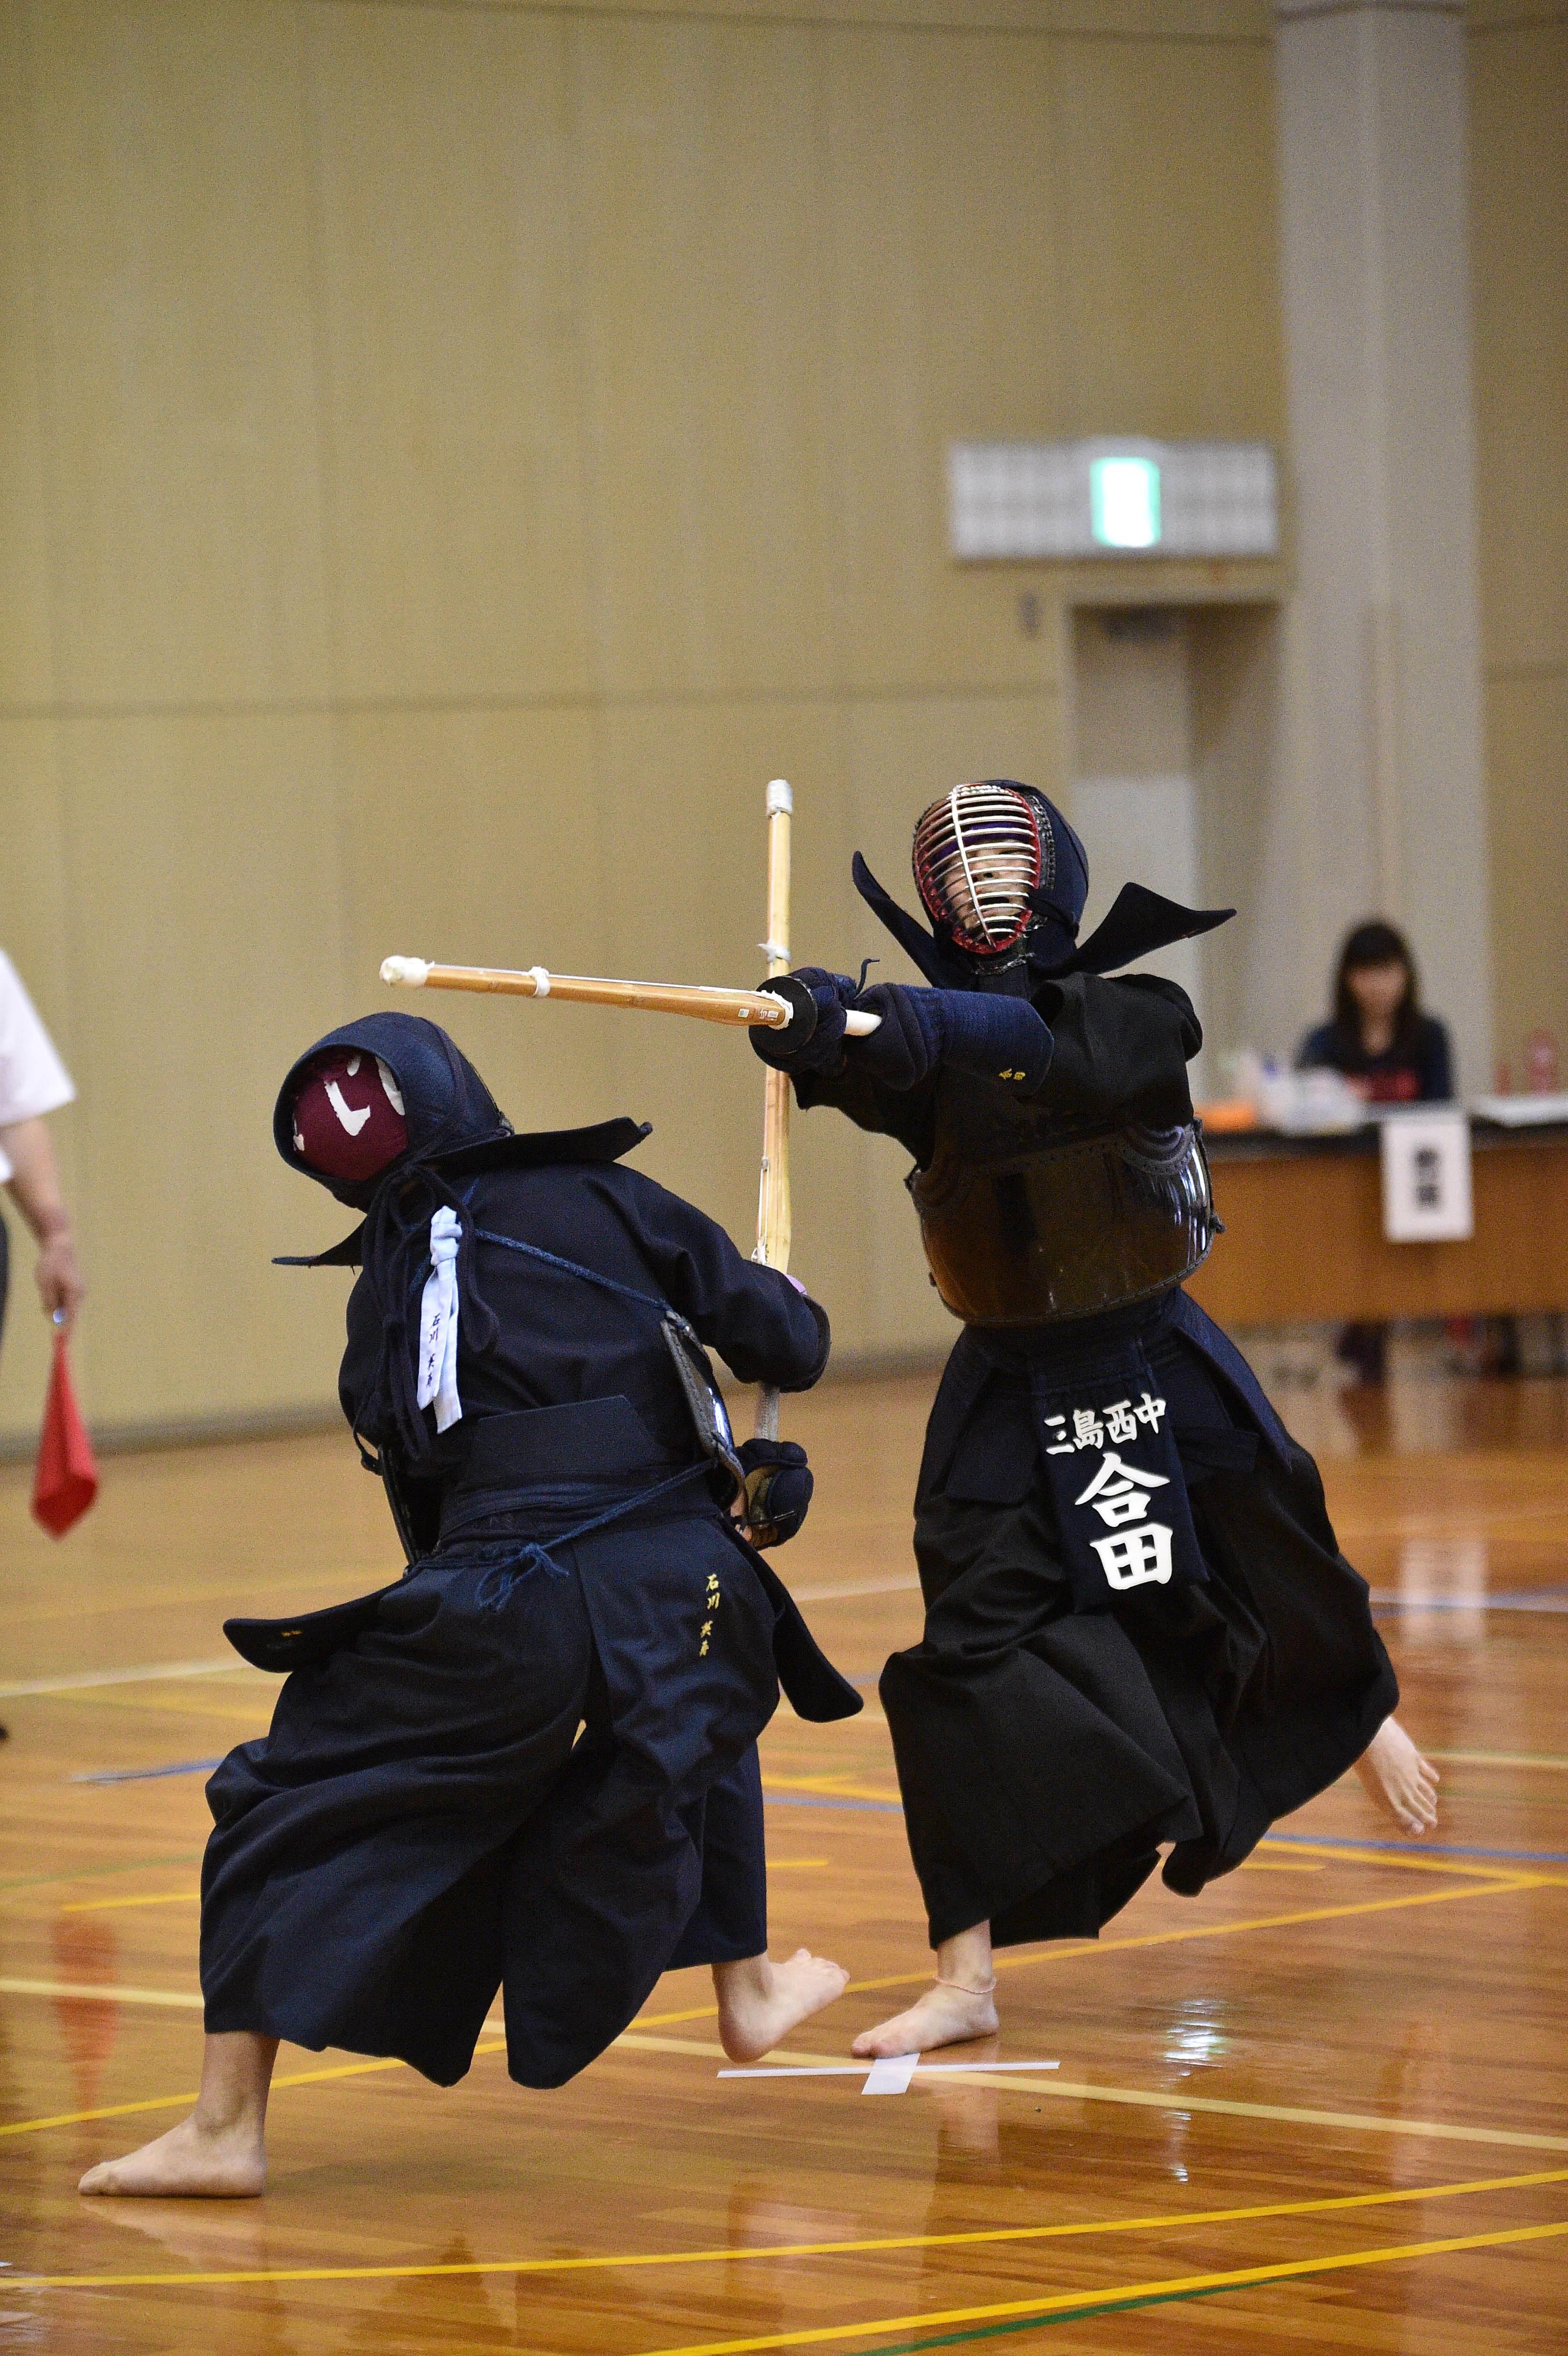 剣道 (9)